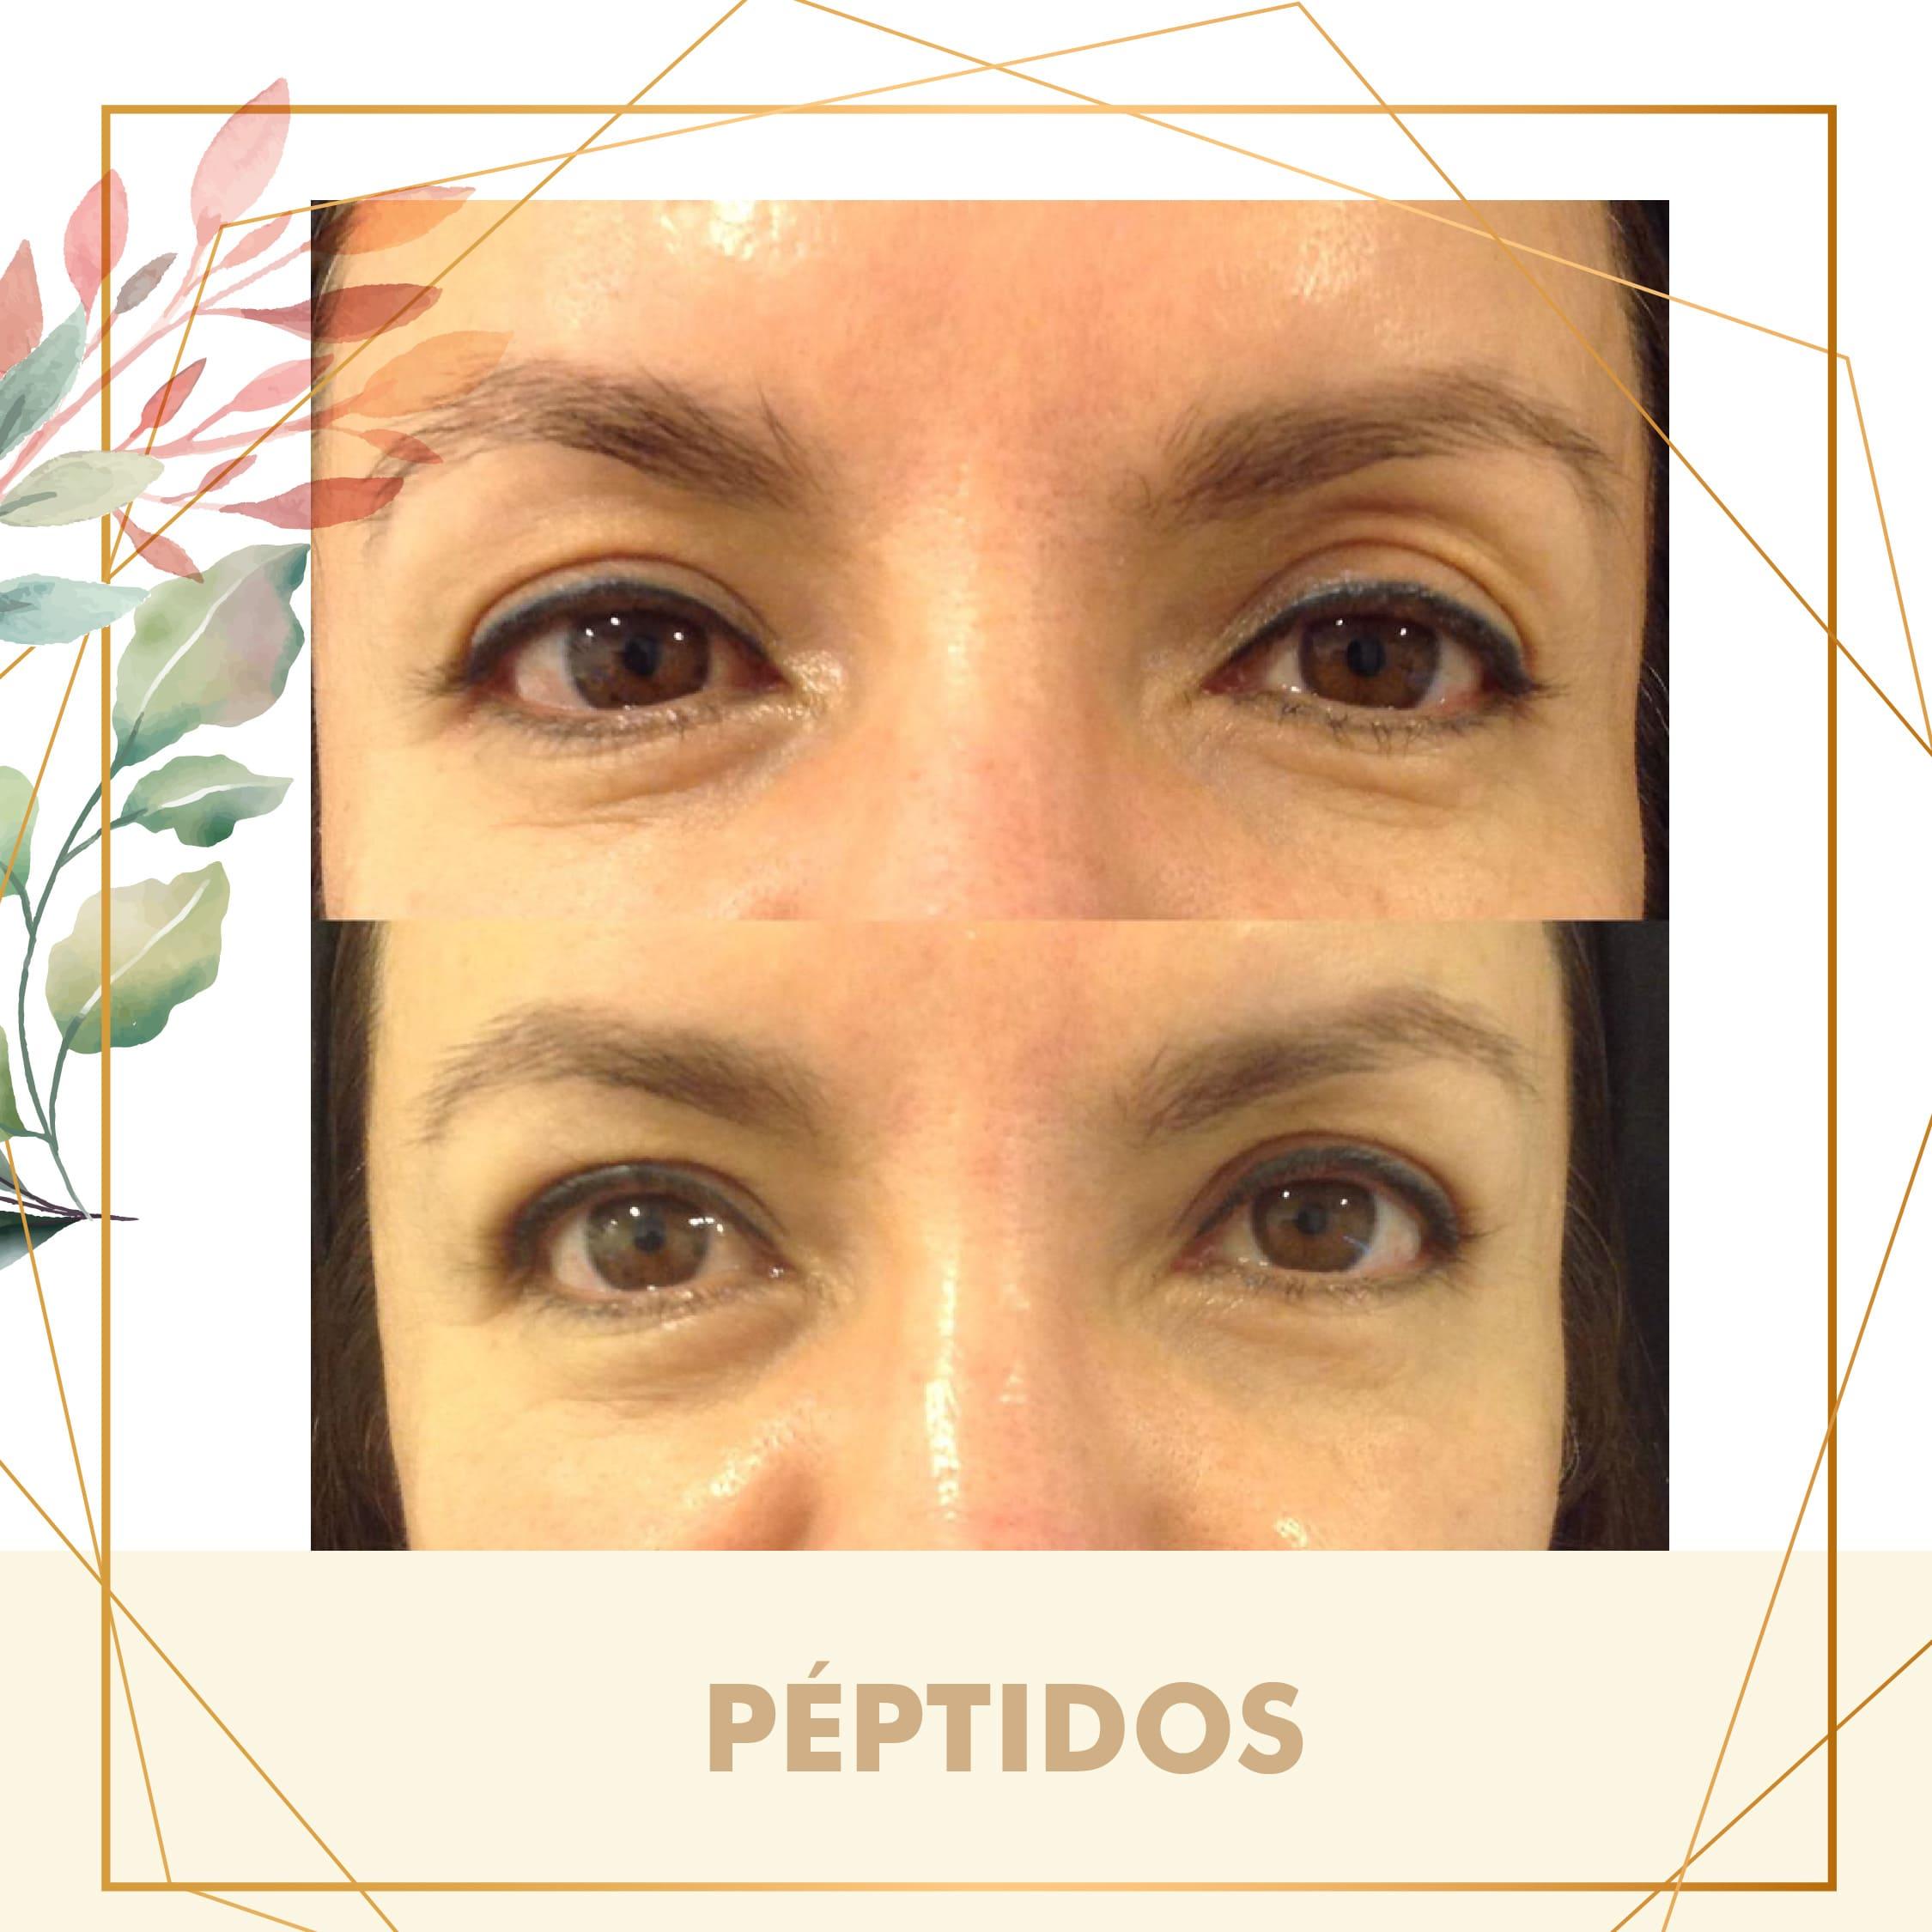 PEPTIDOS-01